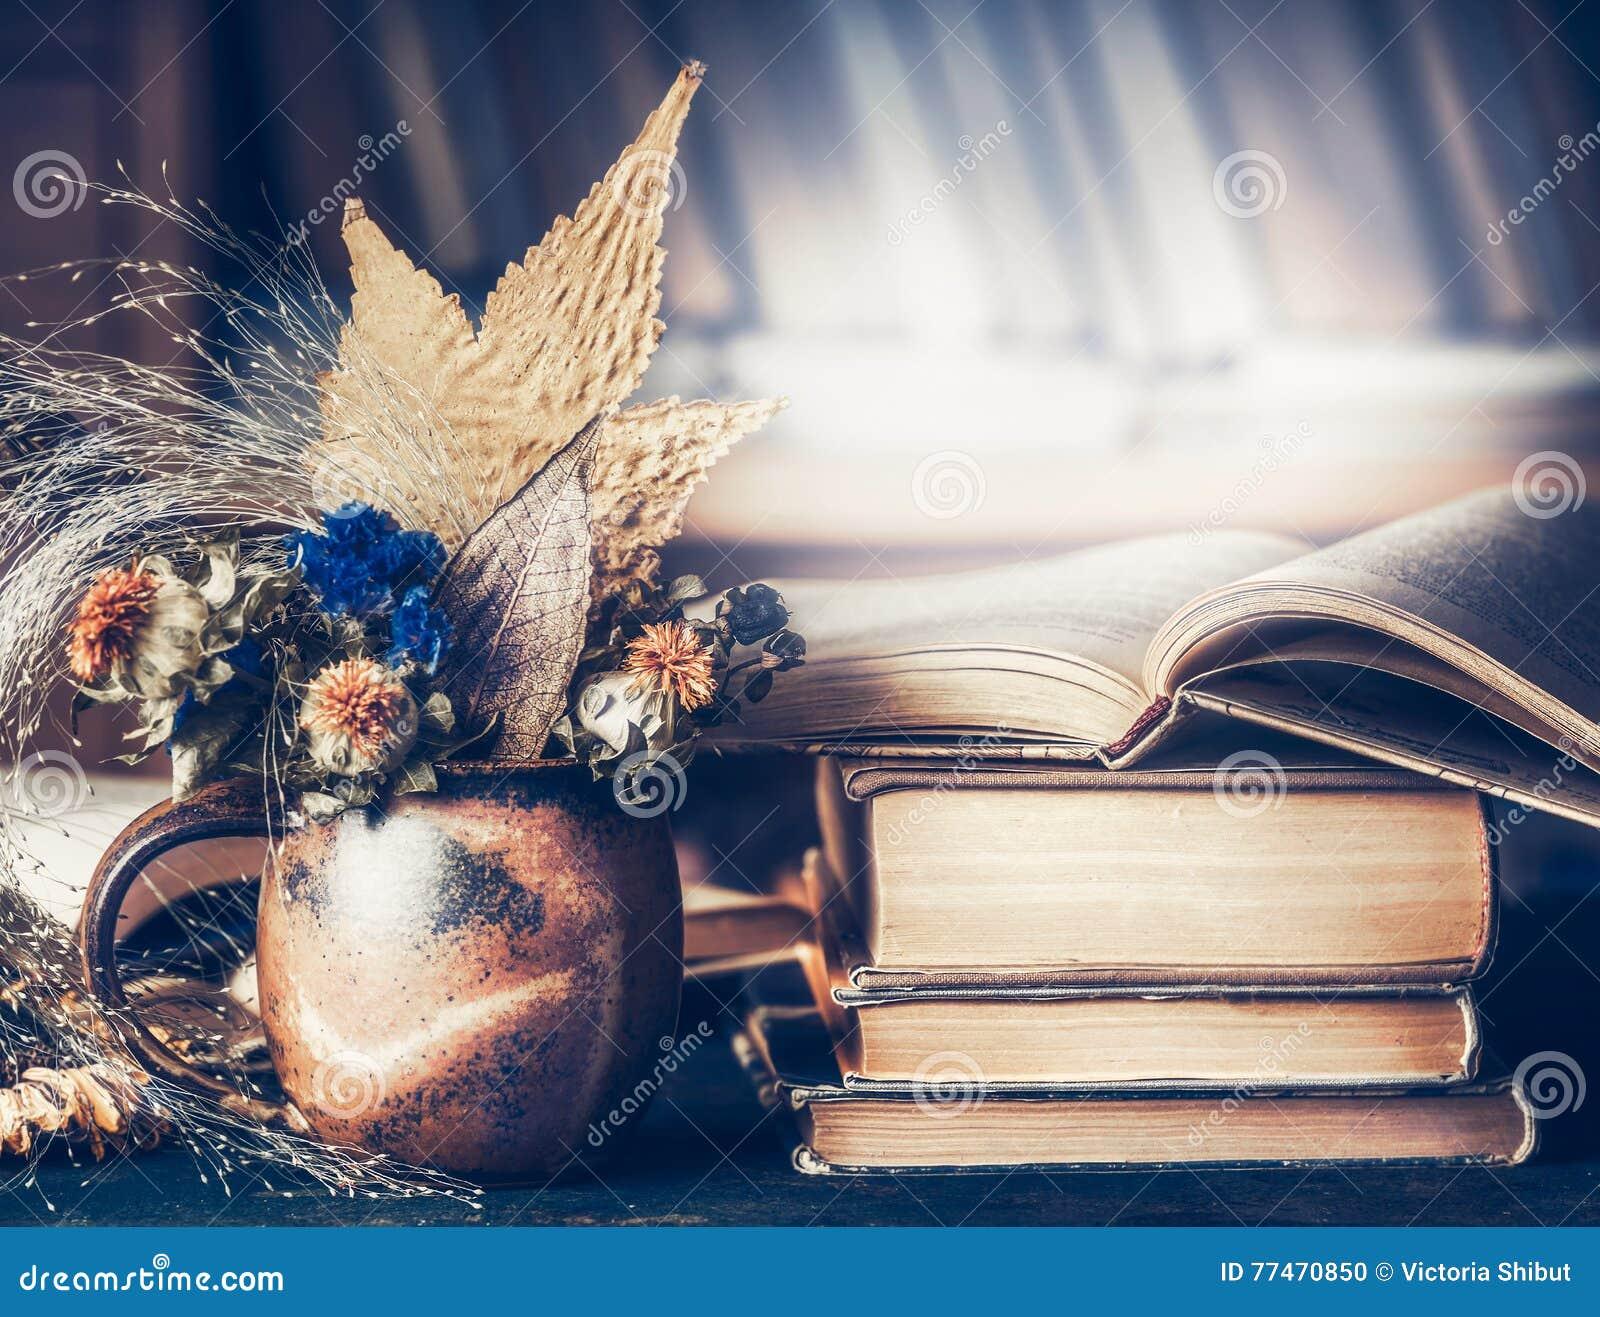 Le paysage à la maison confortable avec le bouquet d automne avec des feuilles et la chute fleurit dans la tasse avec la pile de